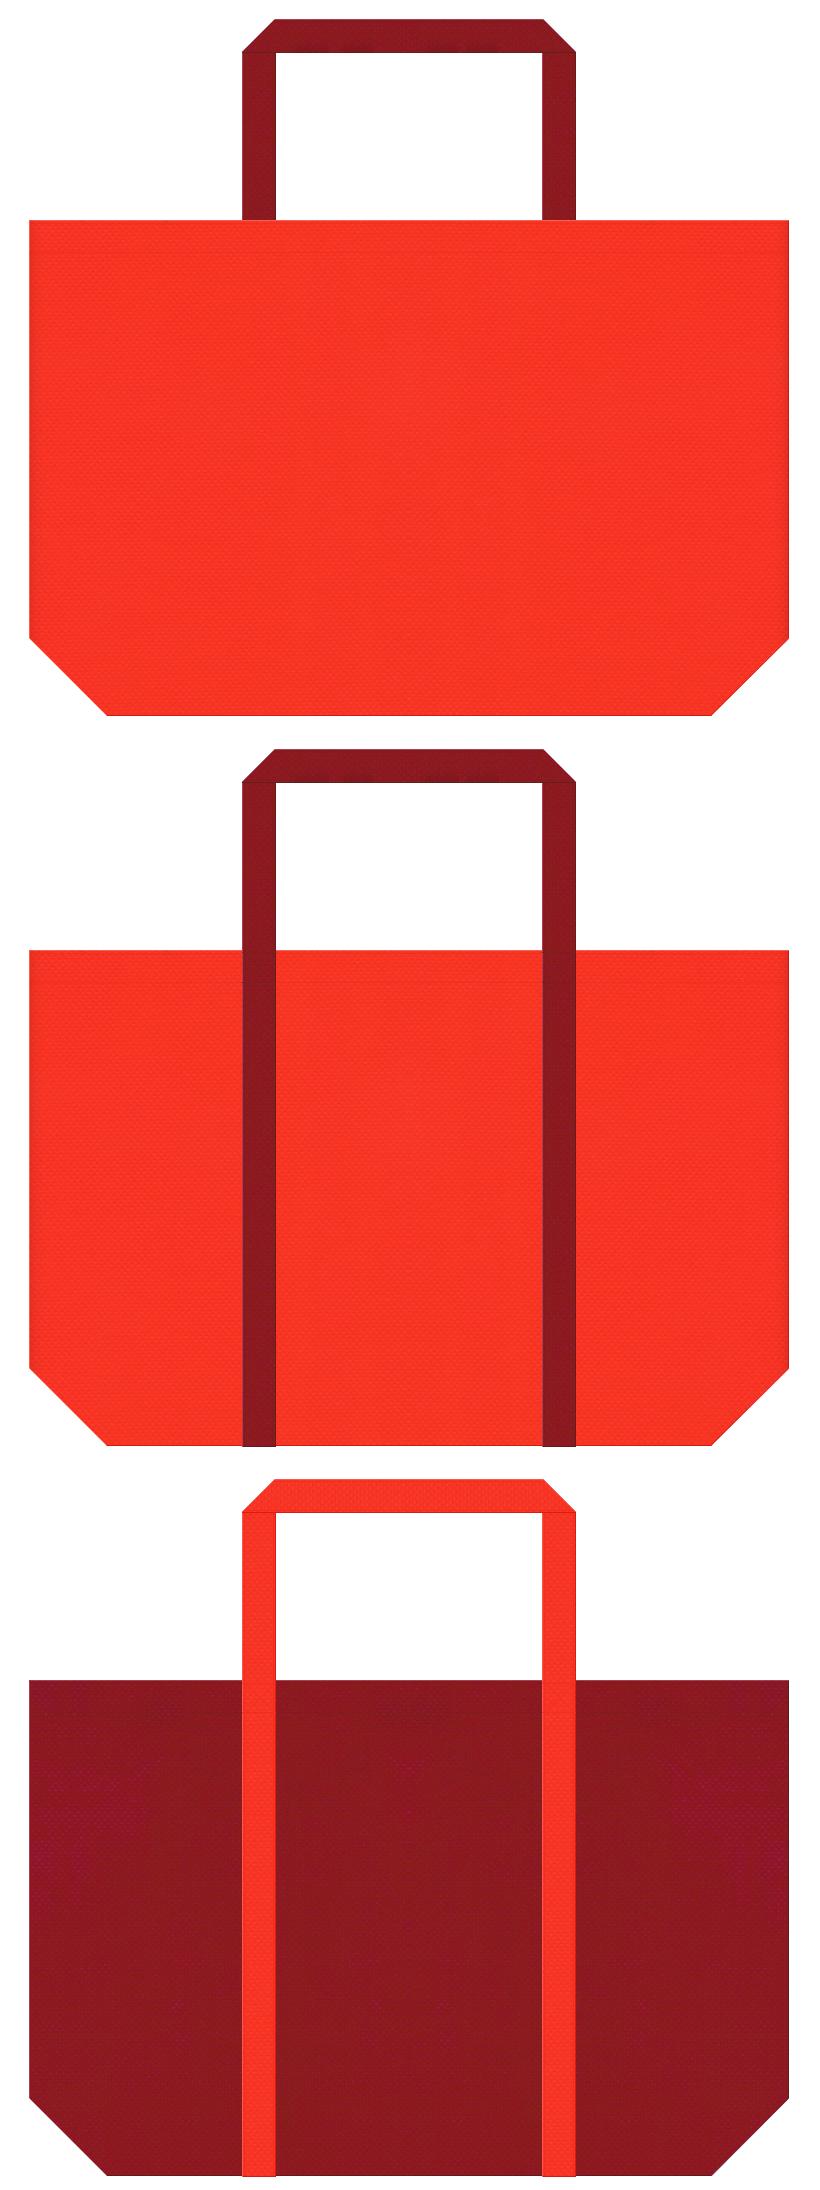 アウトドア・バーベキュー・ランタン・キャンプ用品・スポーツイベント・スポーツバッグ・紅葉名所・観光旅行のノベルティ・オータムセールのショッピングバッグにお奨めの不織布バッグデザイン:オレンジ色とエンジ色のコーデ